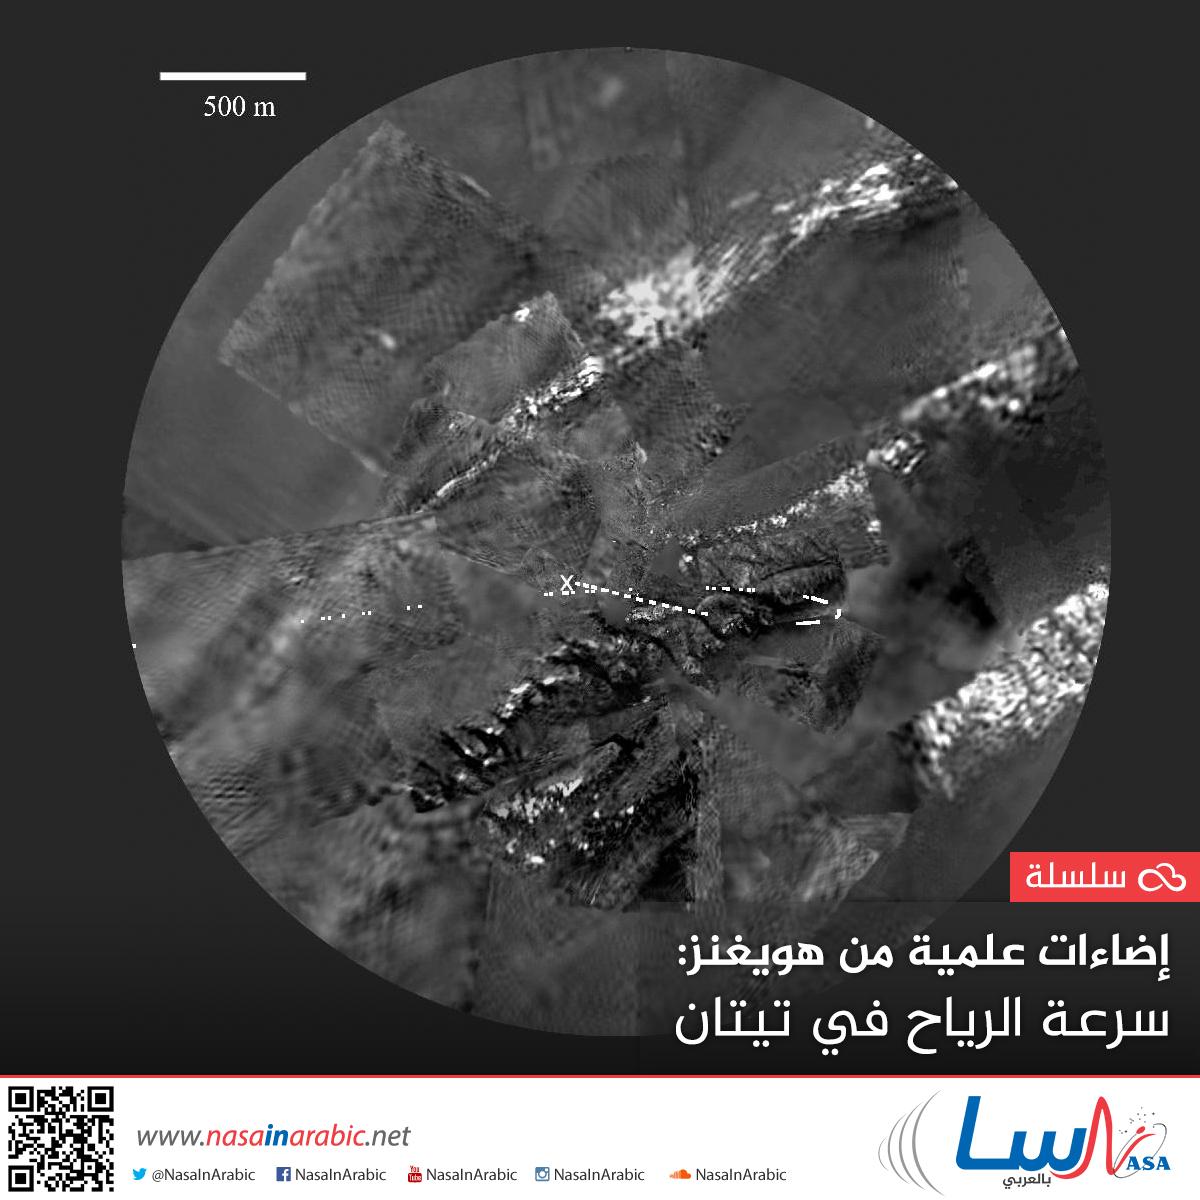 إضاءات علمية من هويغنز: سرعة الرياح في تيتان